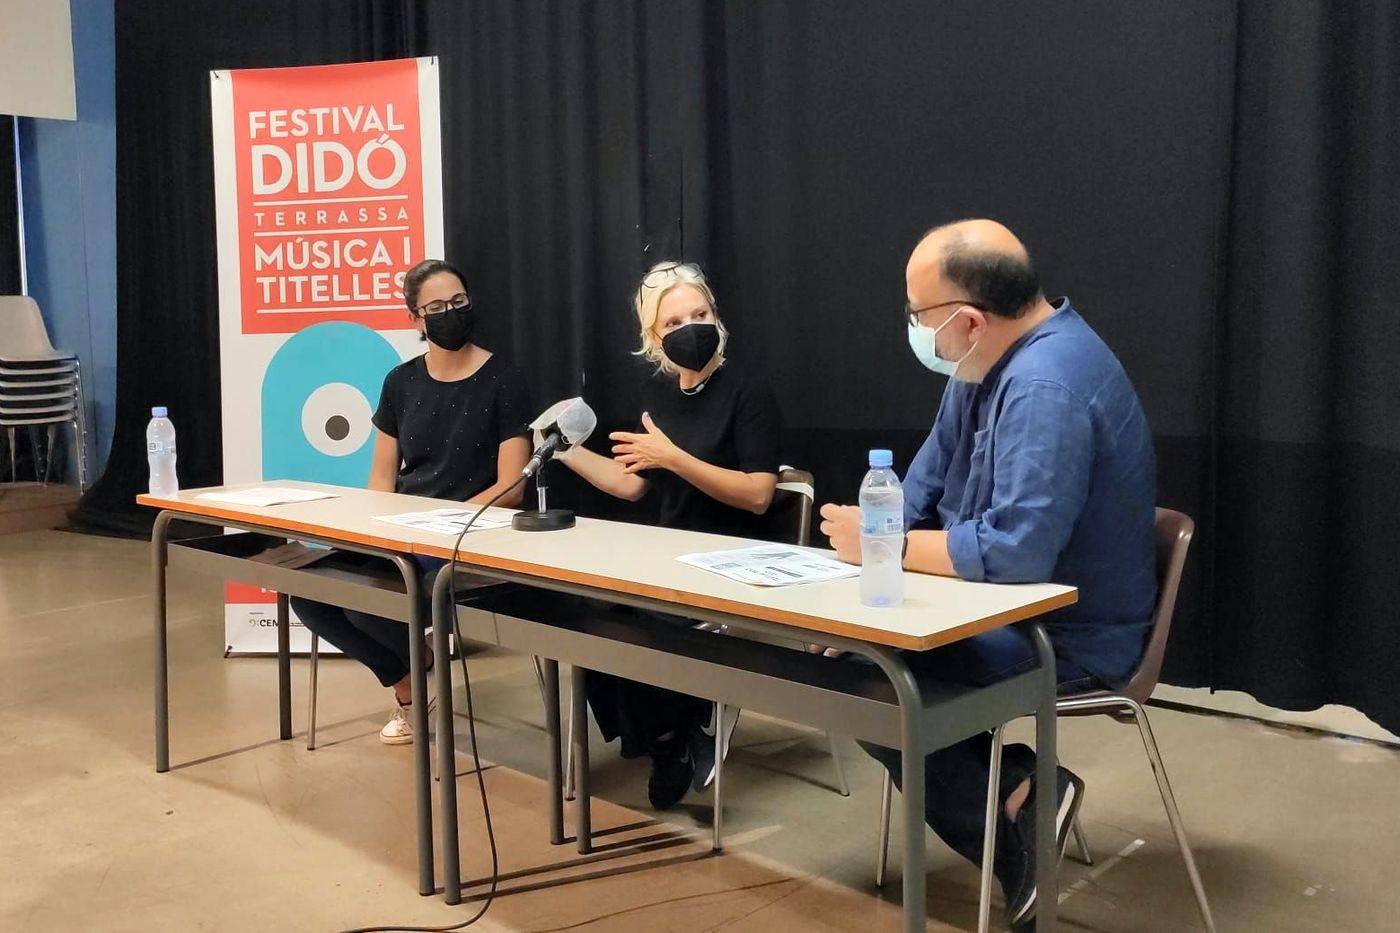 Presentació del Festival Didó Terrassa Música i Titelles; amb Rosa Boladeras i el director del Festival, Ramon Rius; i la coordinadora, Estel Rius | Festival Didó